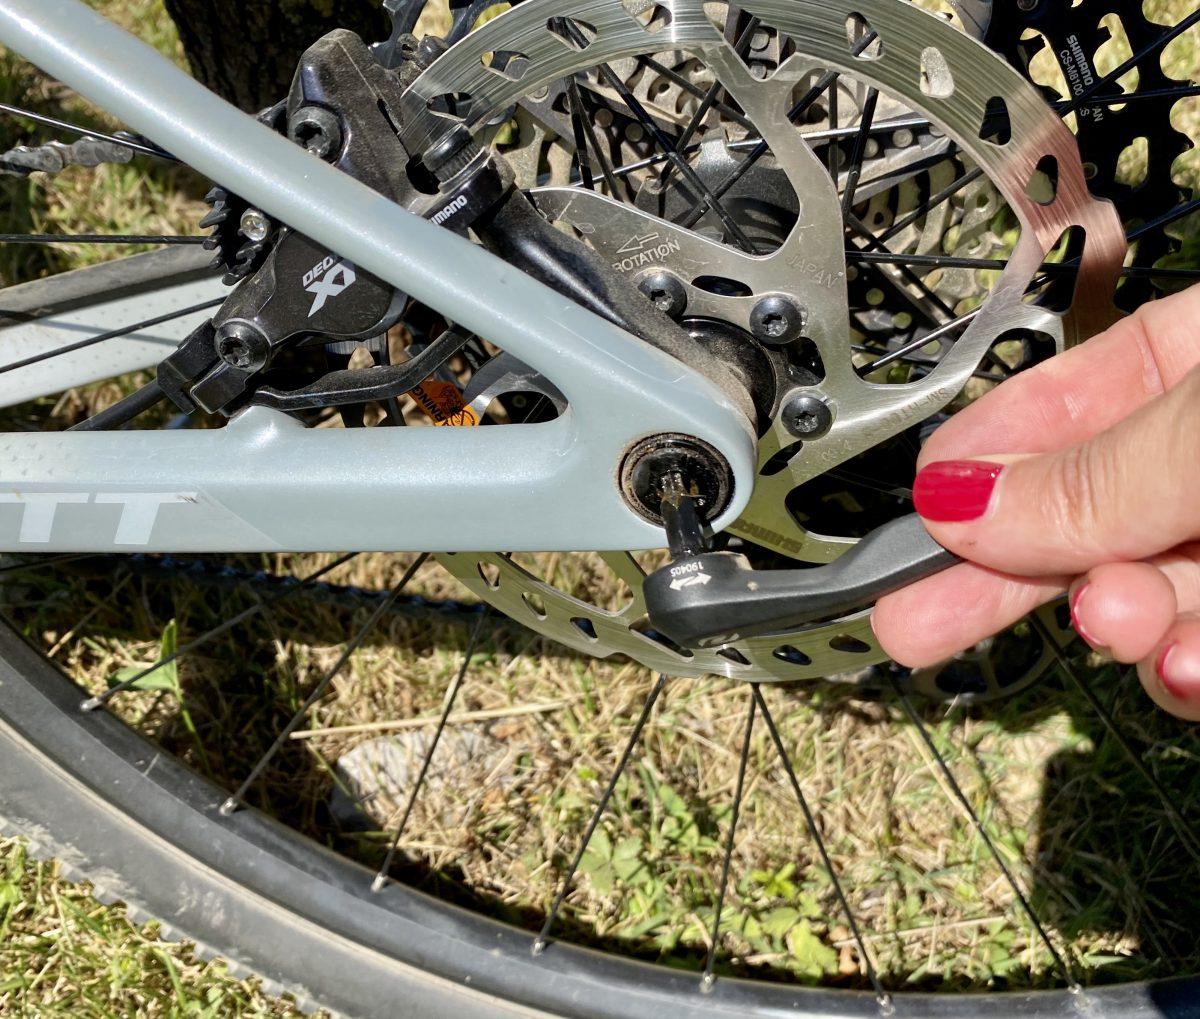 tecnologia axle tool su Scott contessa scale